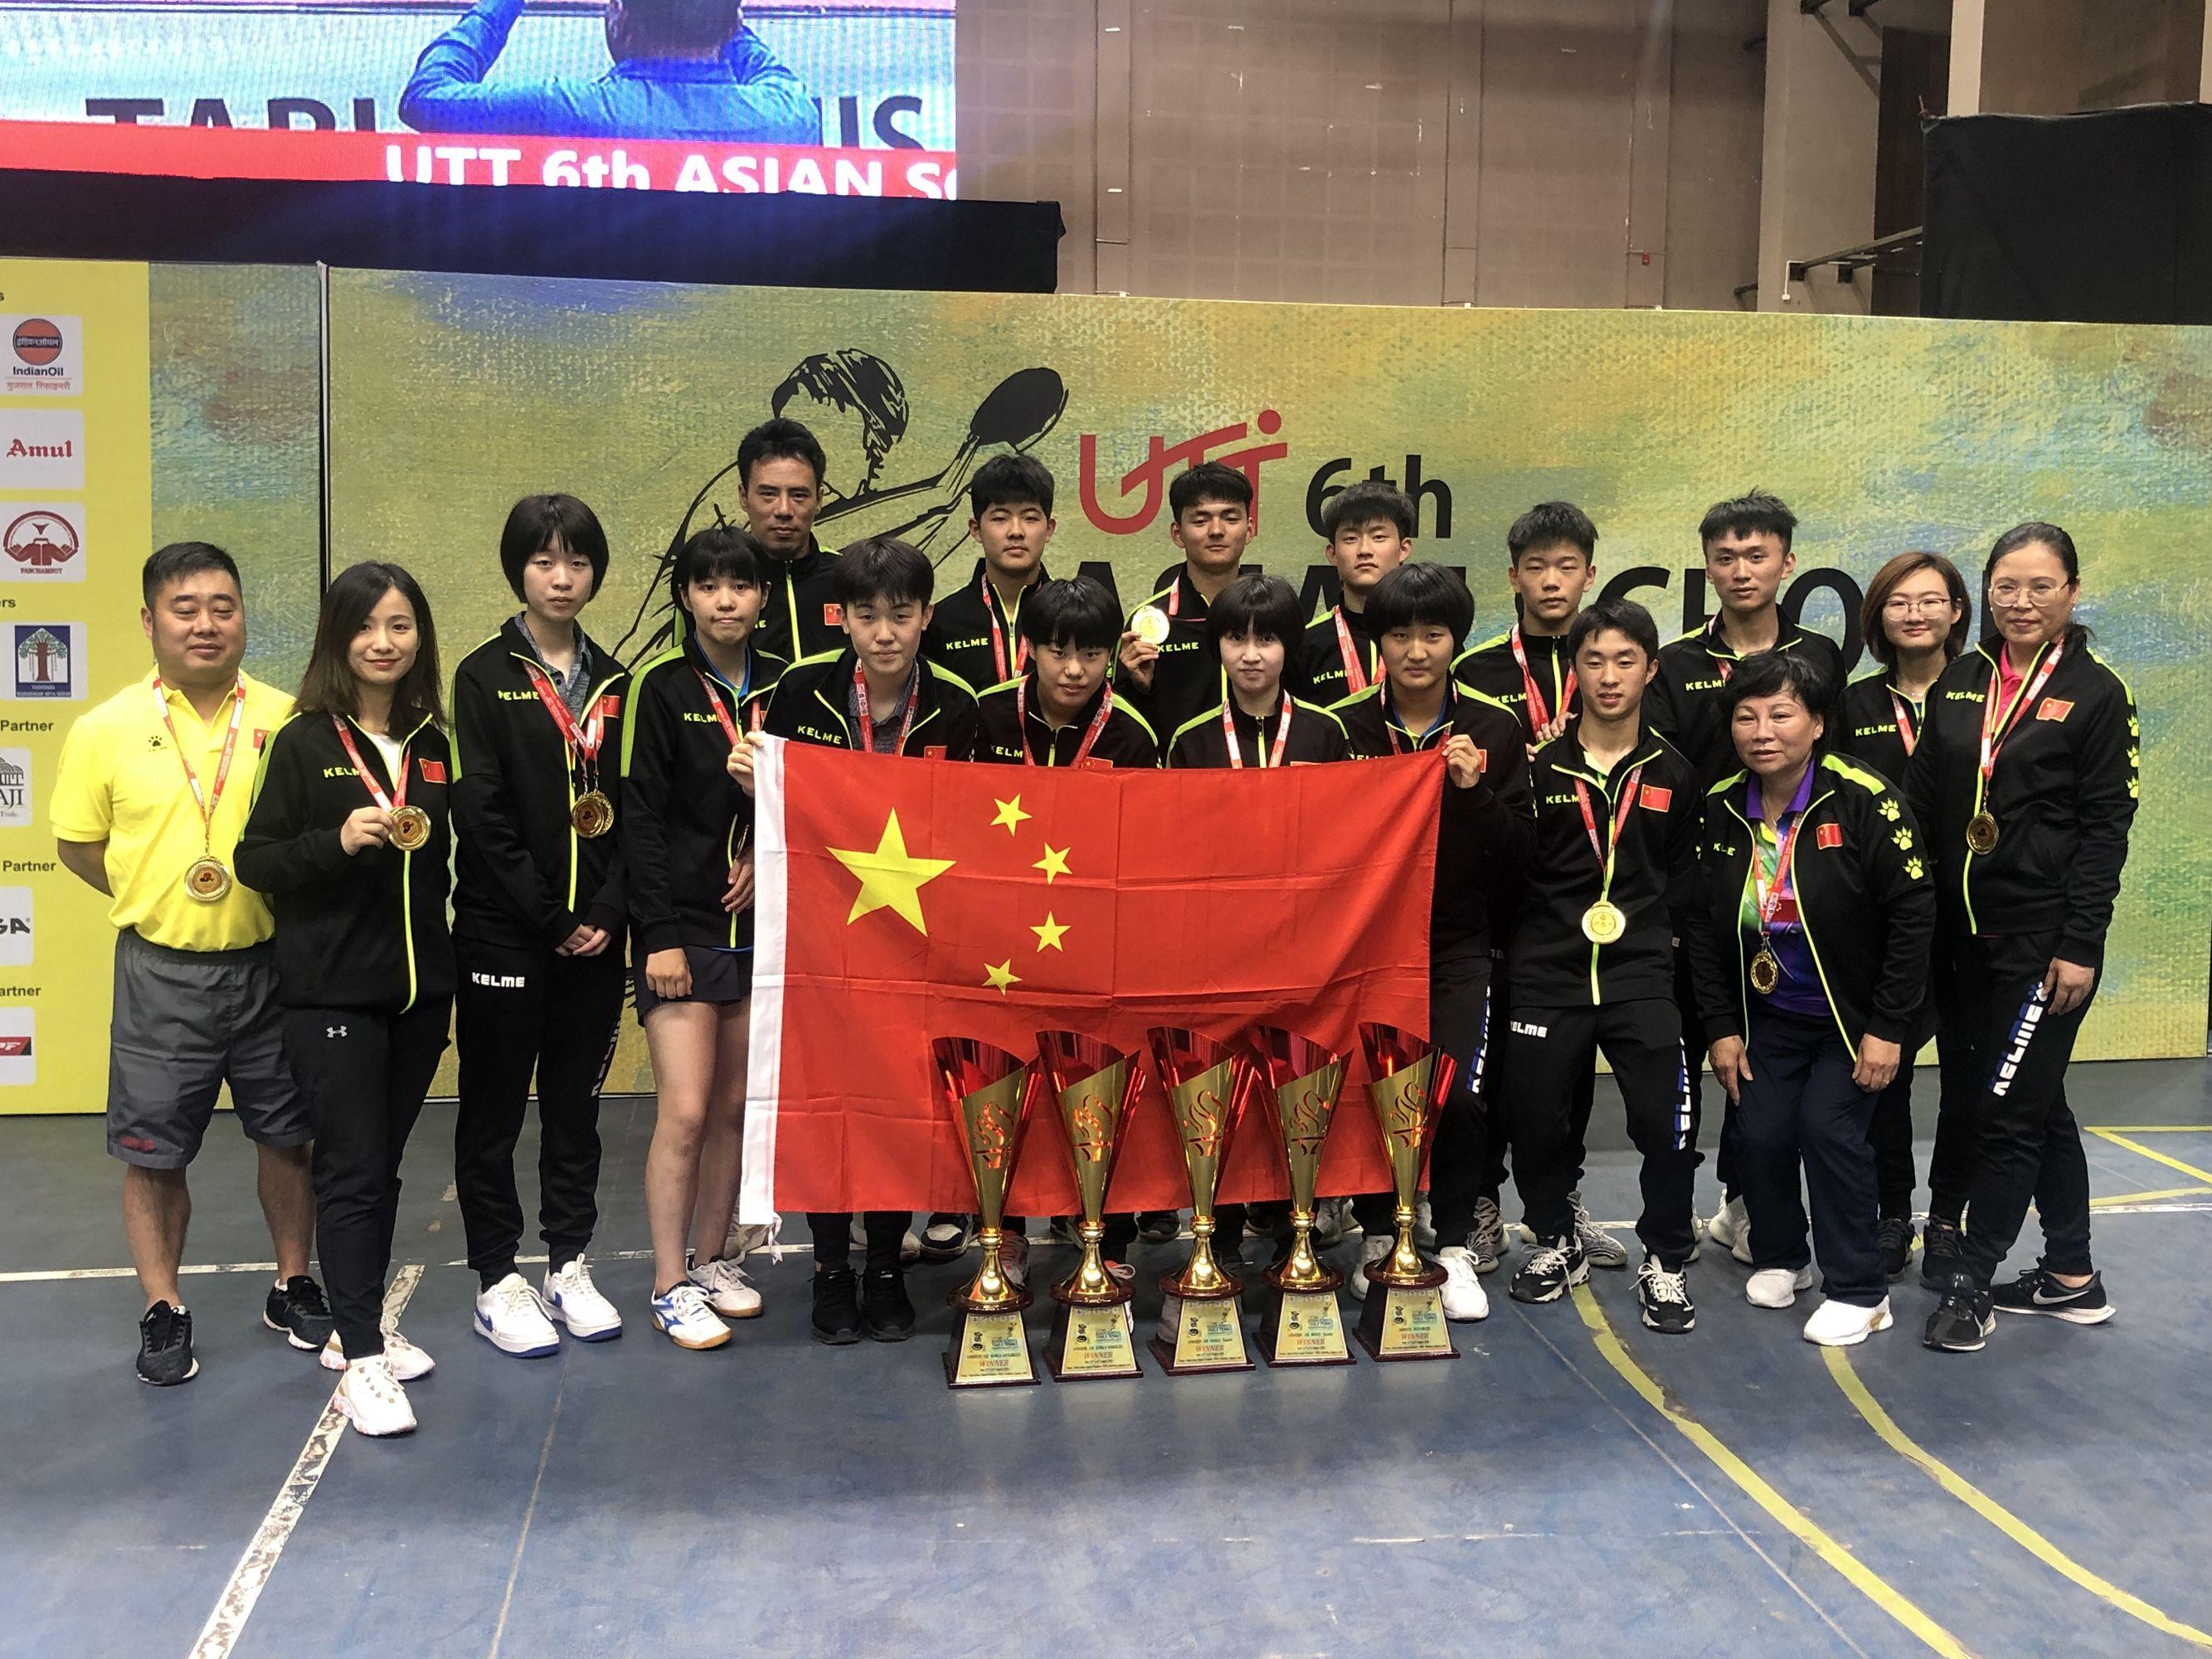 五金四铜 中国队圆满收官第六届亚洲中学生乒乓球锦标赛